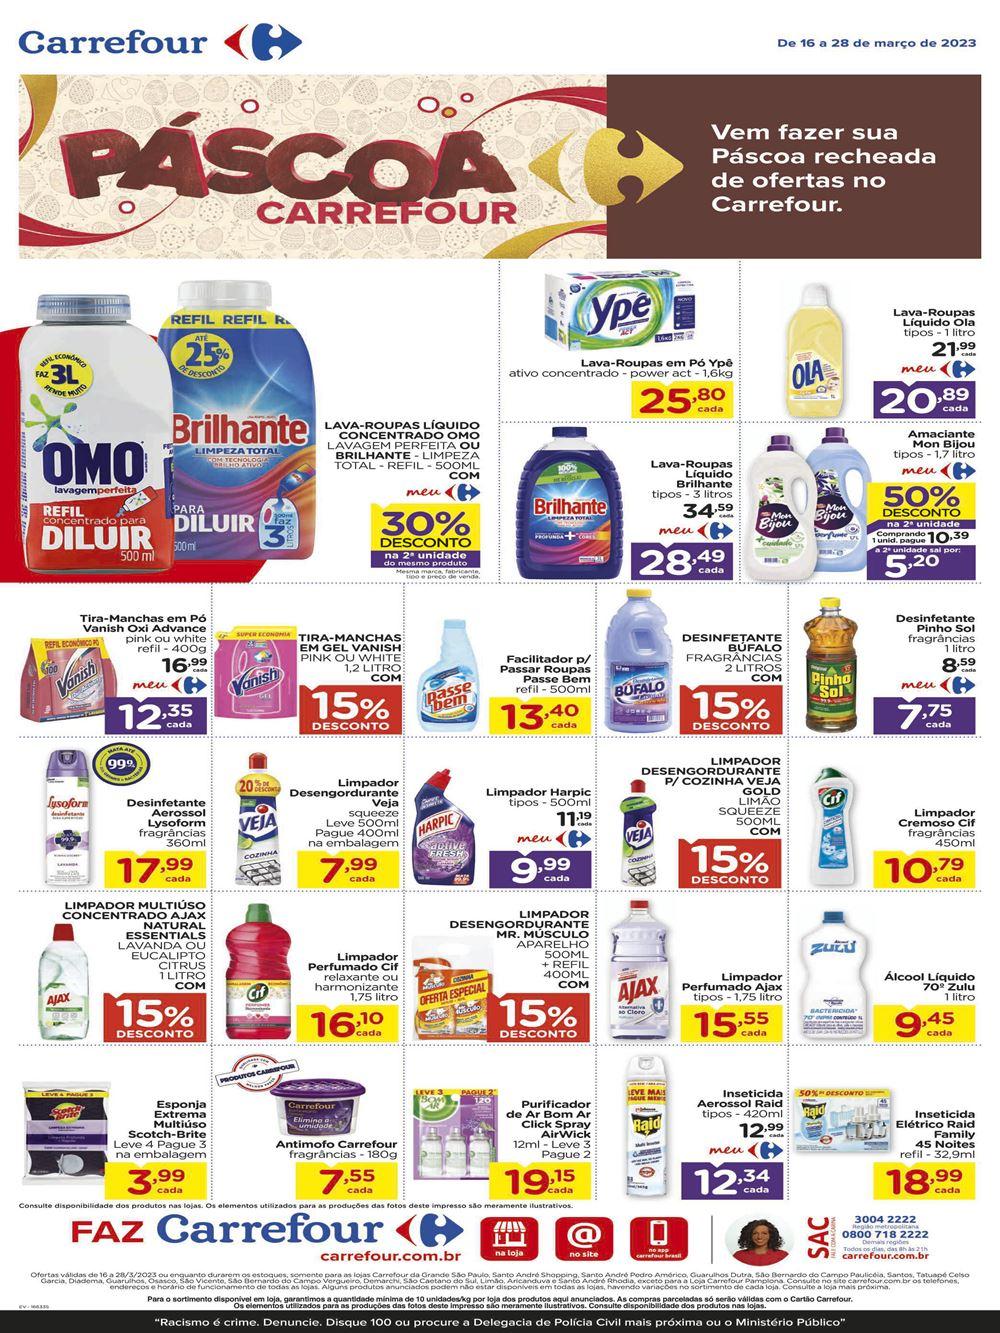 carrefour-ofertas-descontos-hoje11-18 Carrefour até 08/08